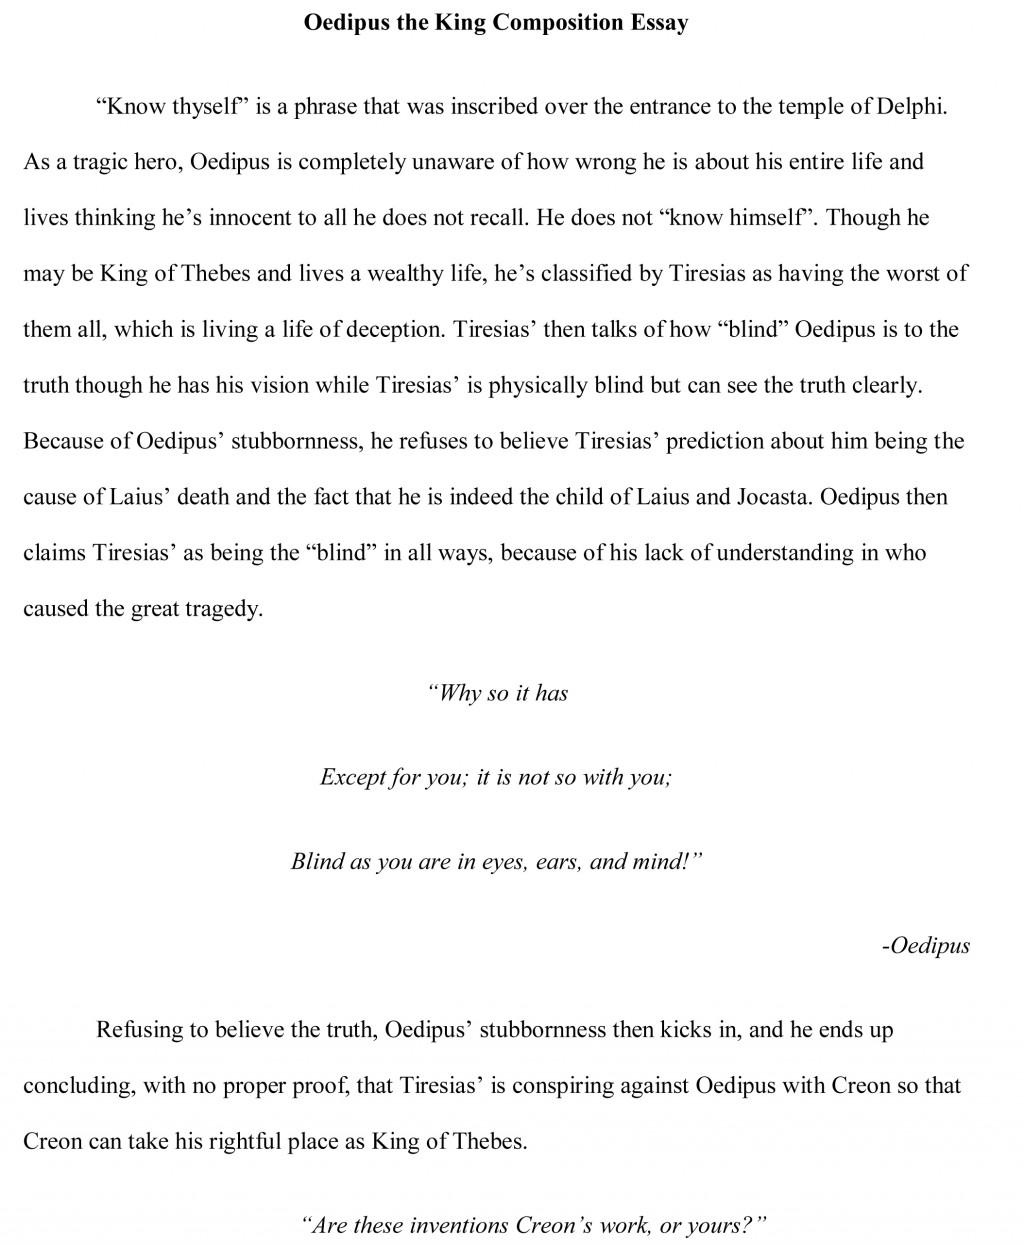 005 If I Were Blind Essay Example Oedipus Free Singular Large